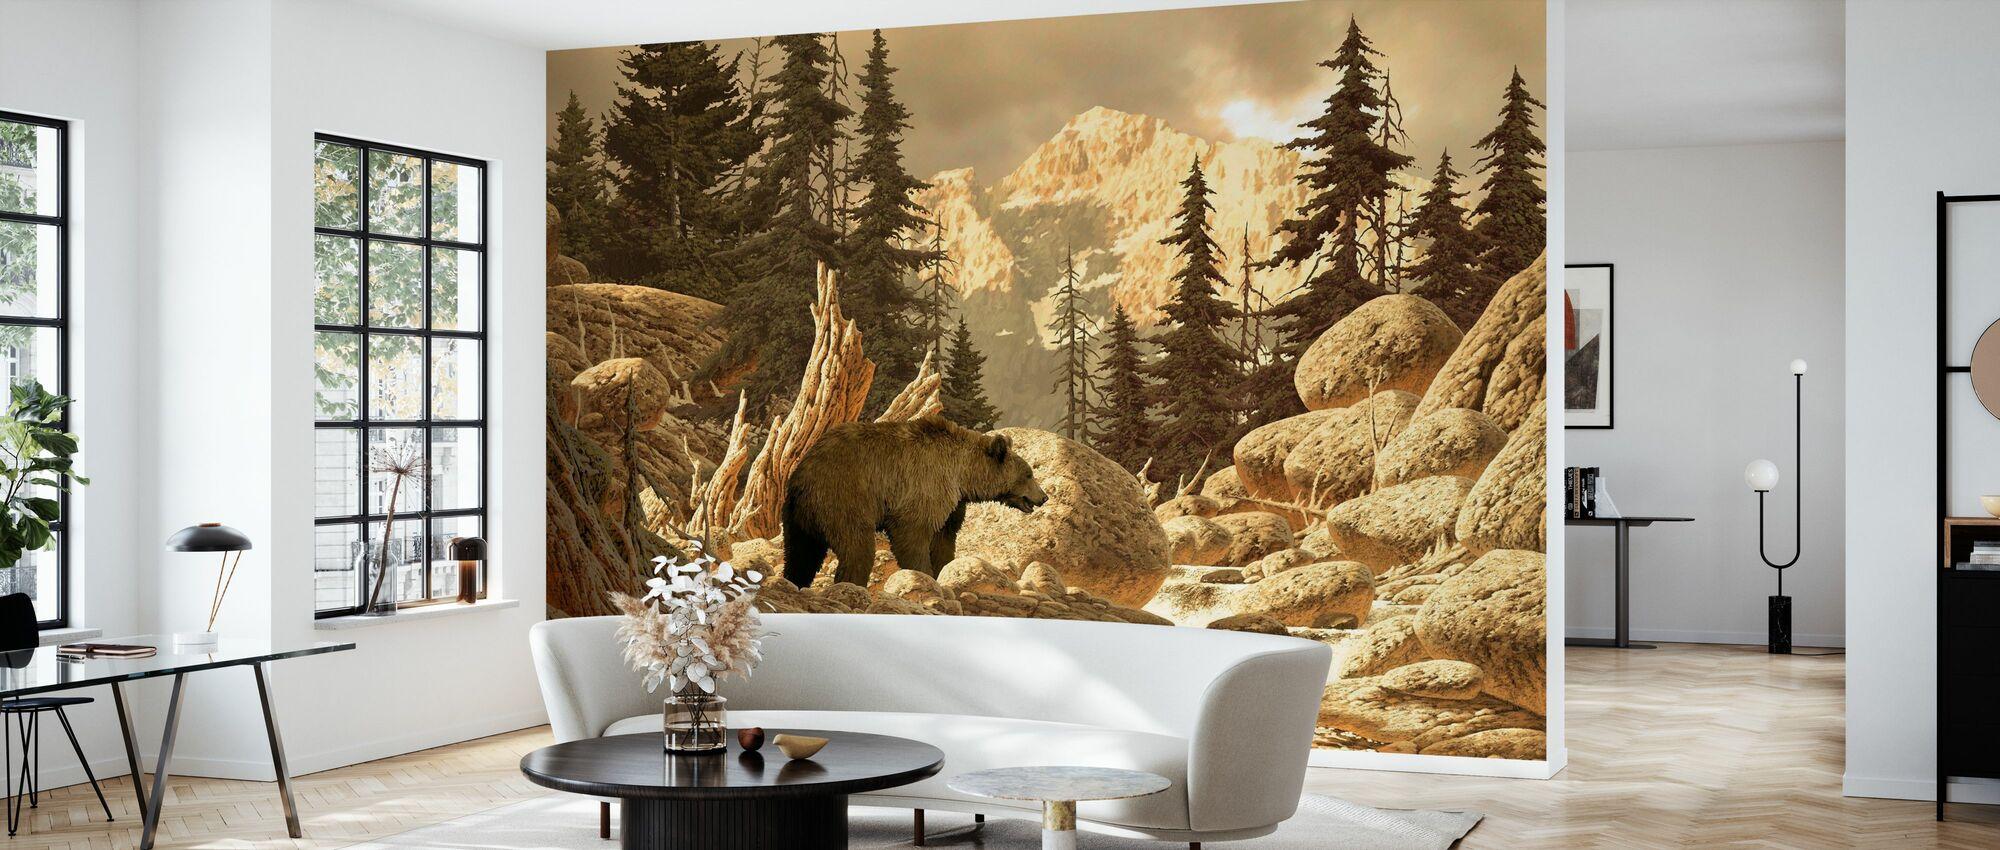 Oso grizzly en los tetones - Papel pintado - Salón